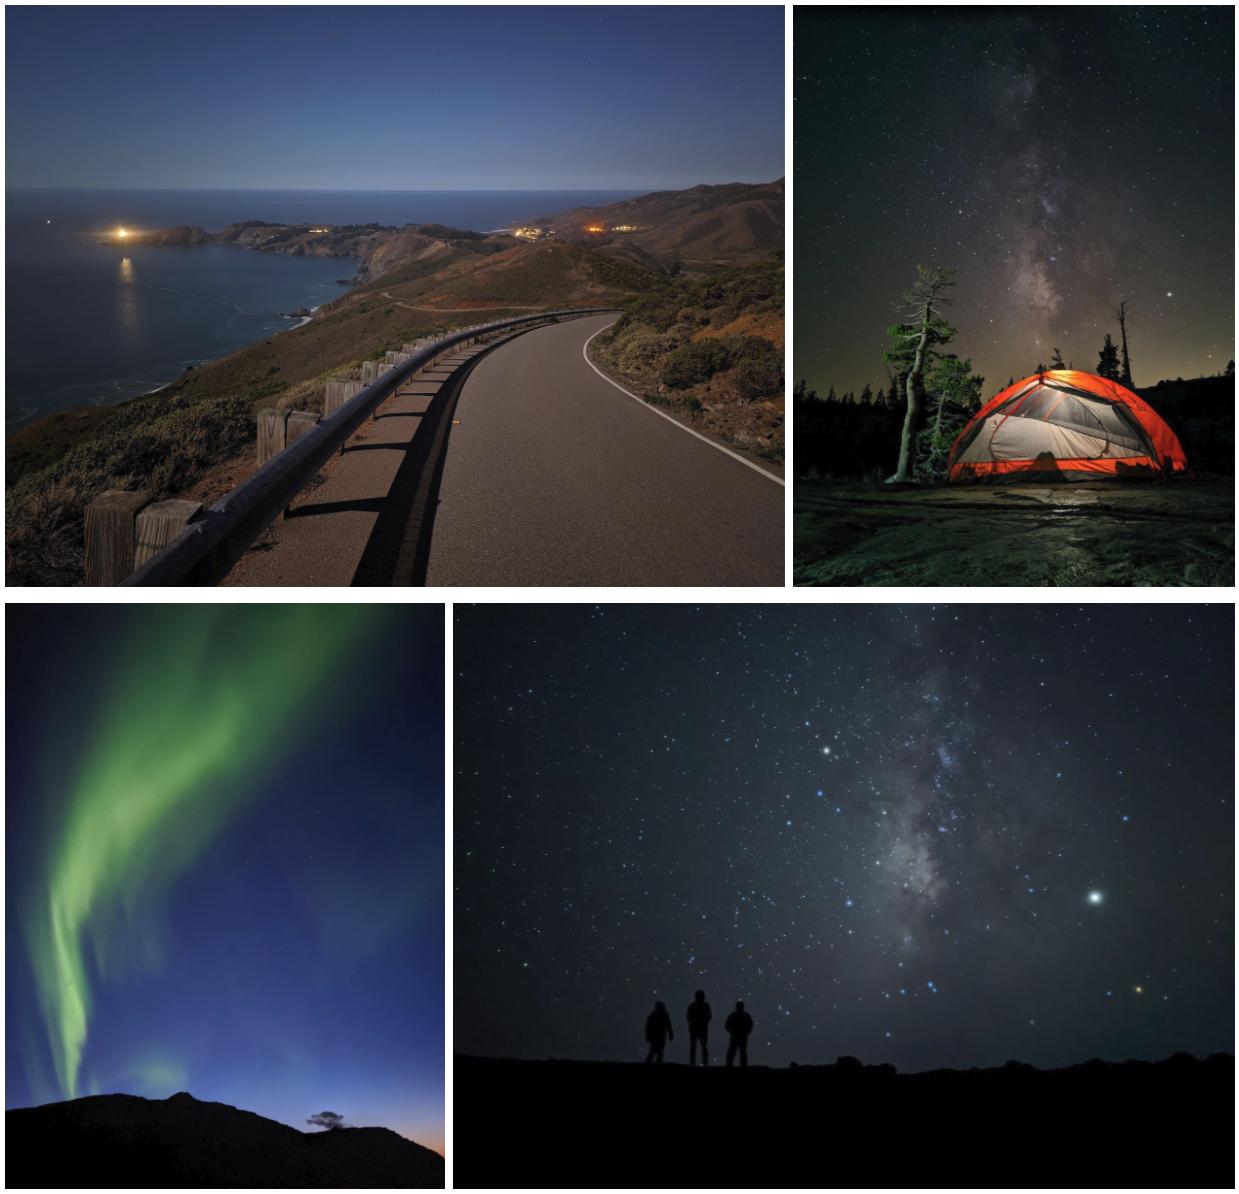 """Así funciona, según Google, el modo """"astrofotografía"""" de los Pixel"""